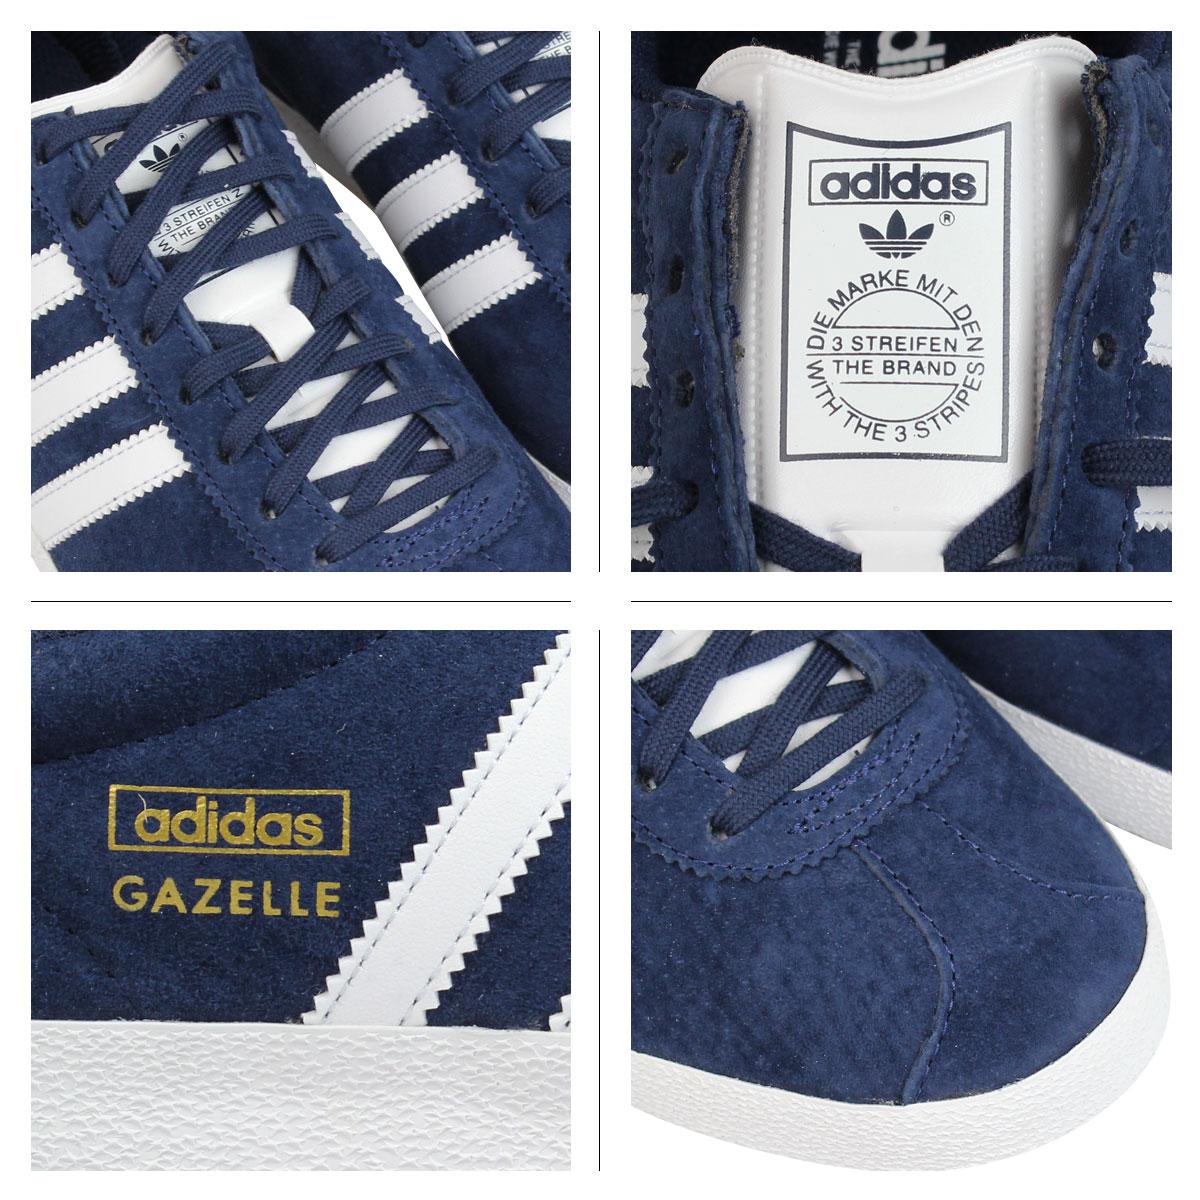 adidas gazelle q21600